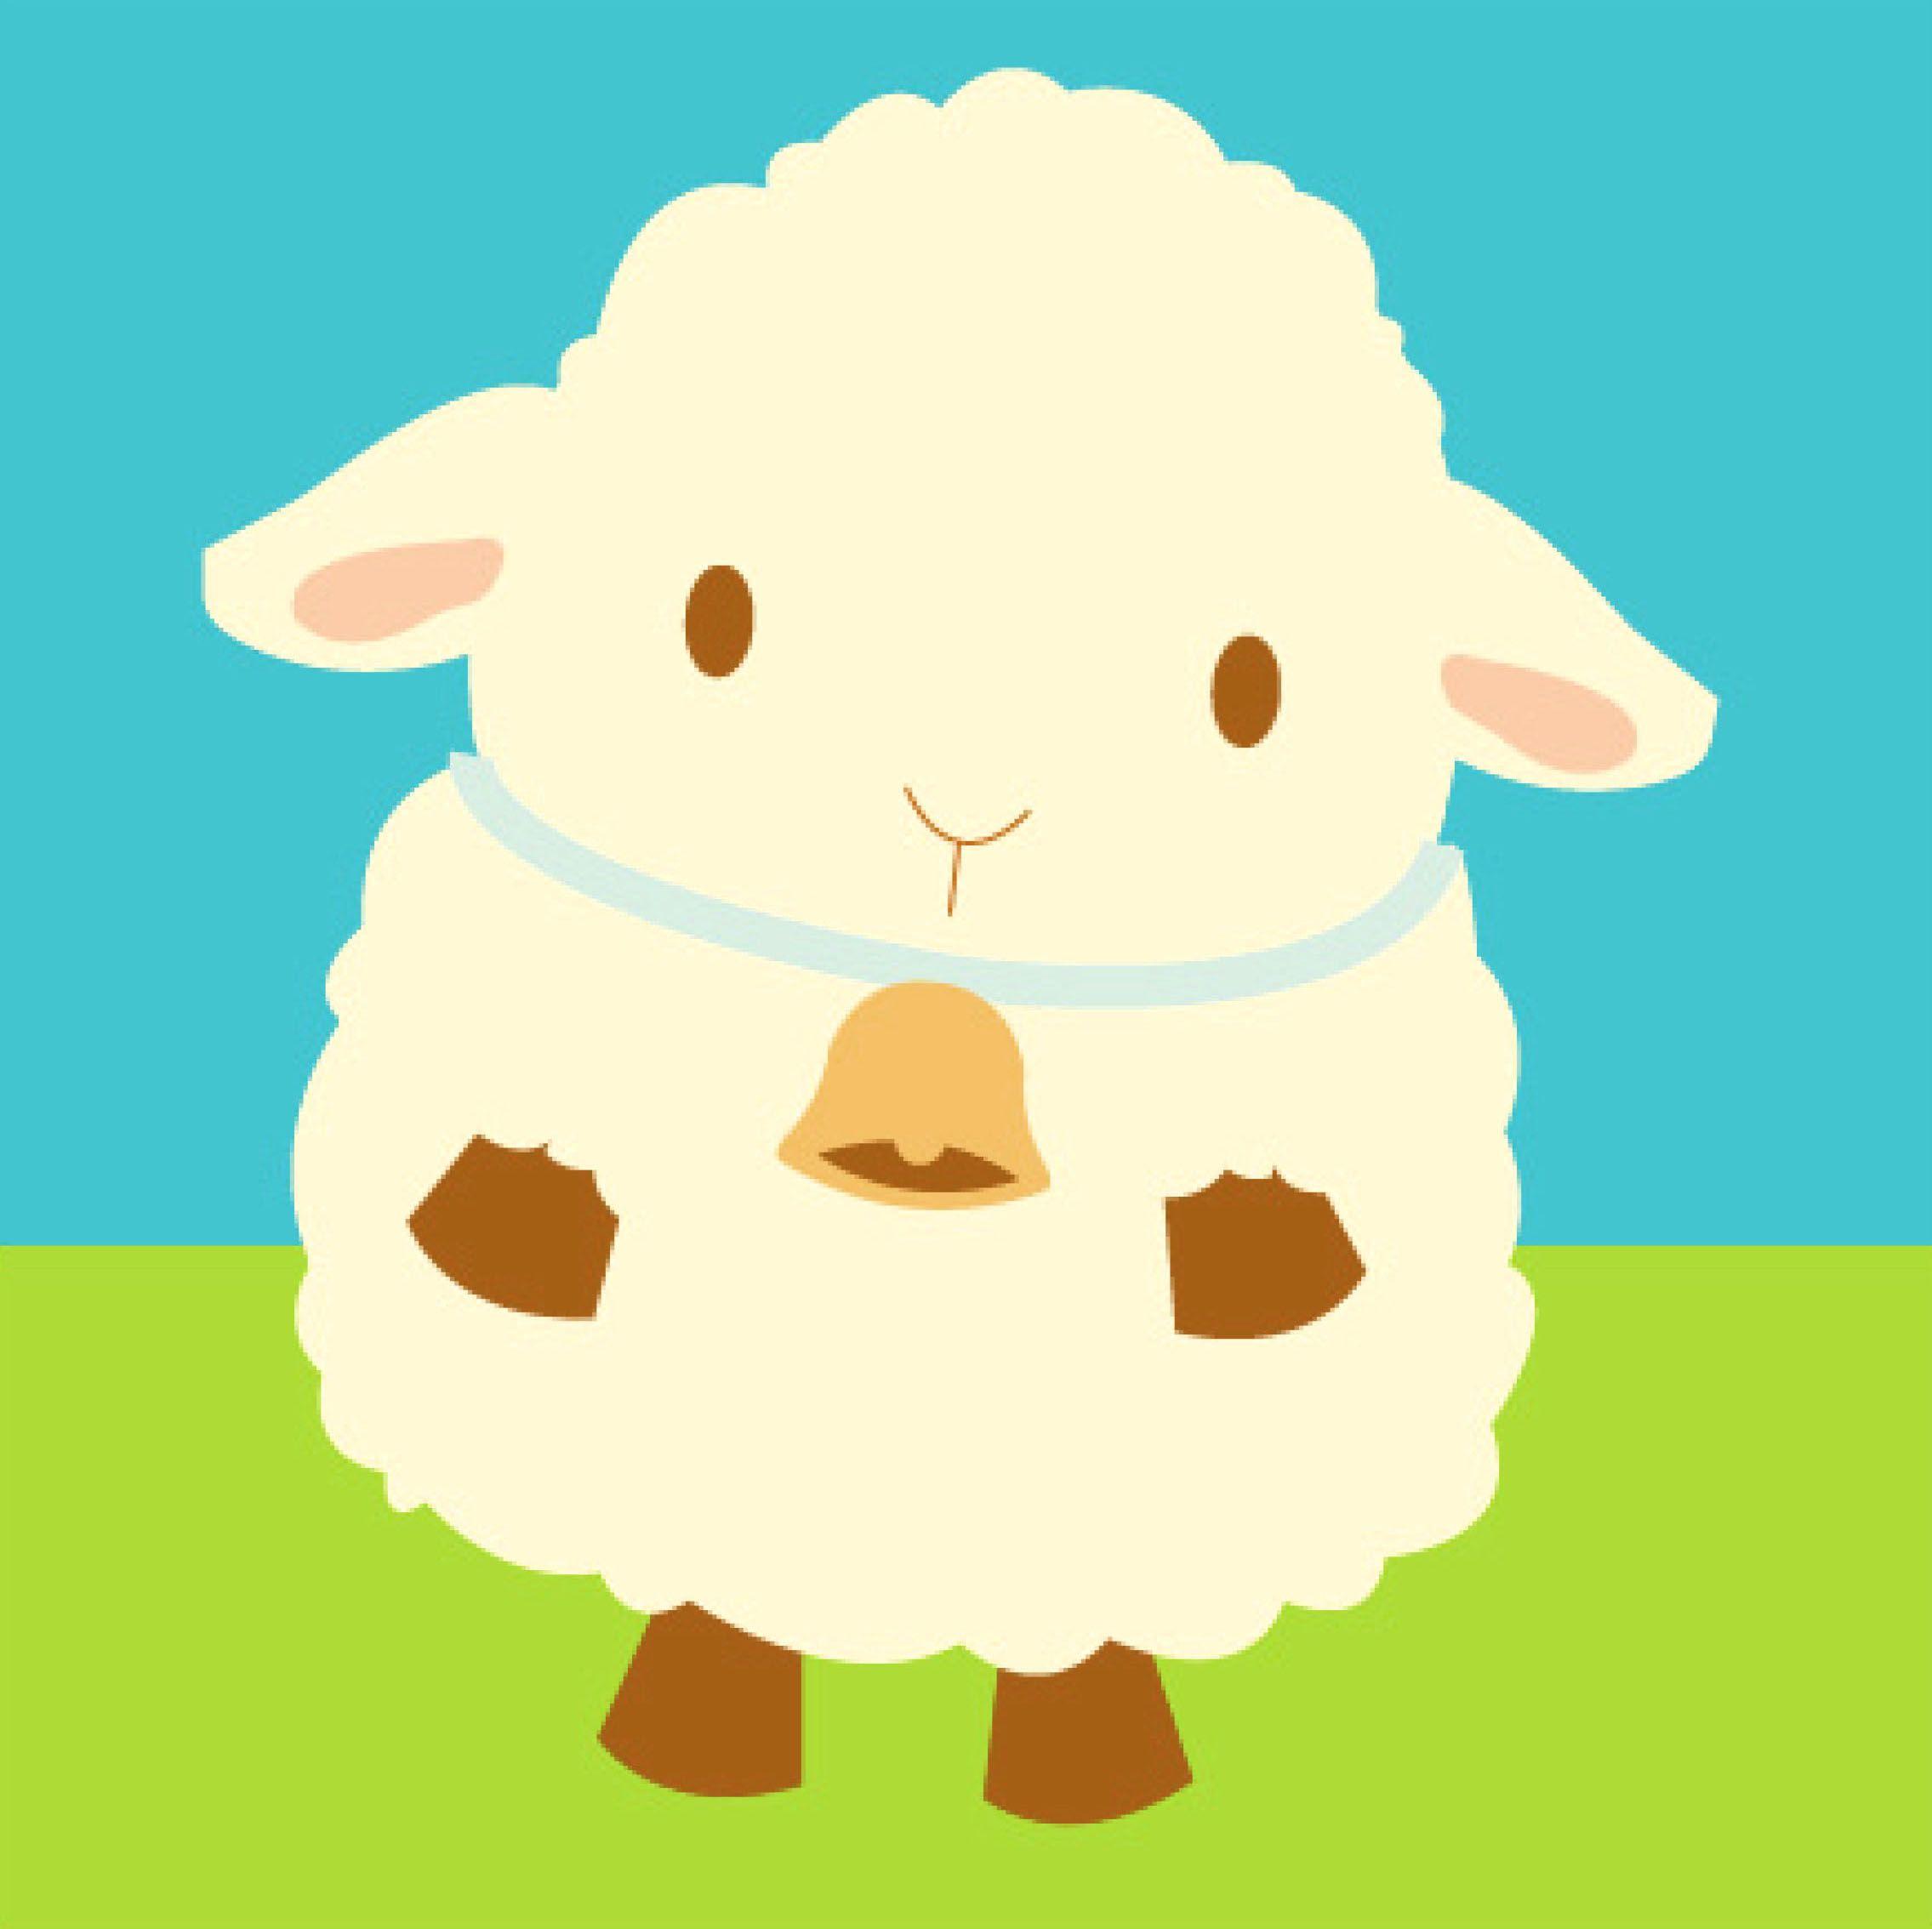 images for u003e lamb images clip art lambs pinterest clip art rh pinterest com